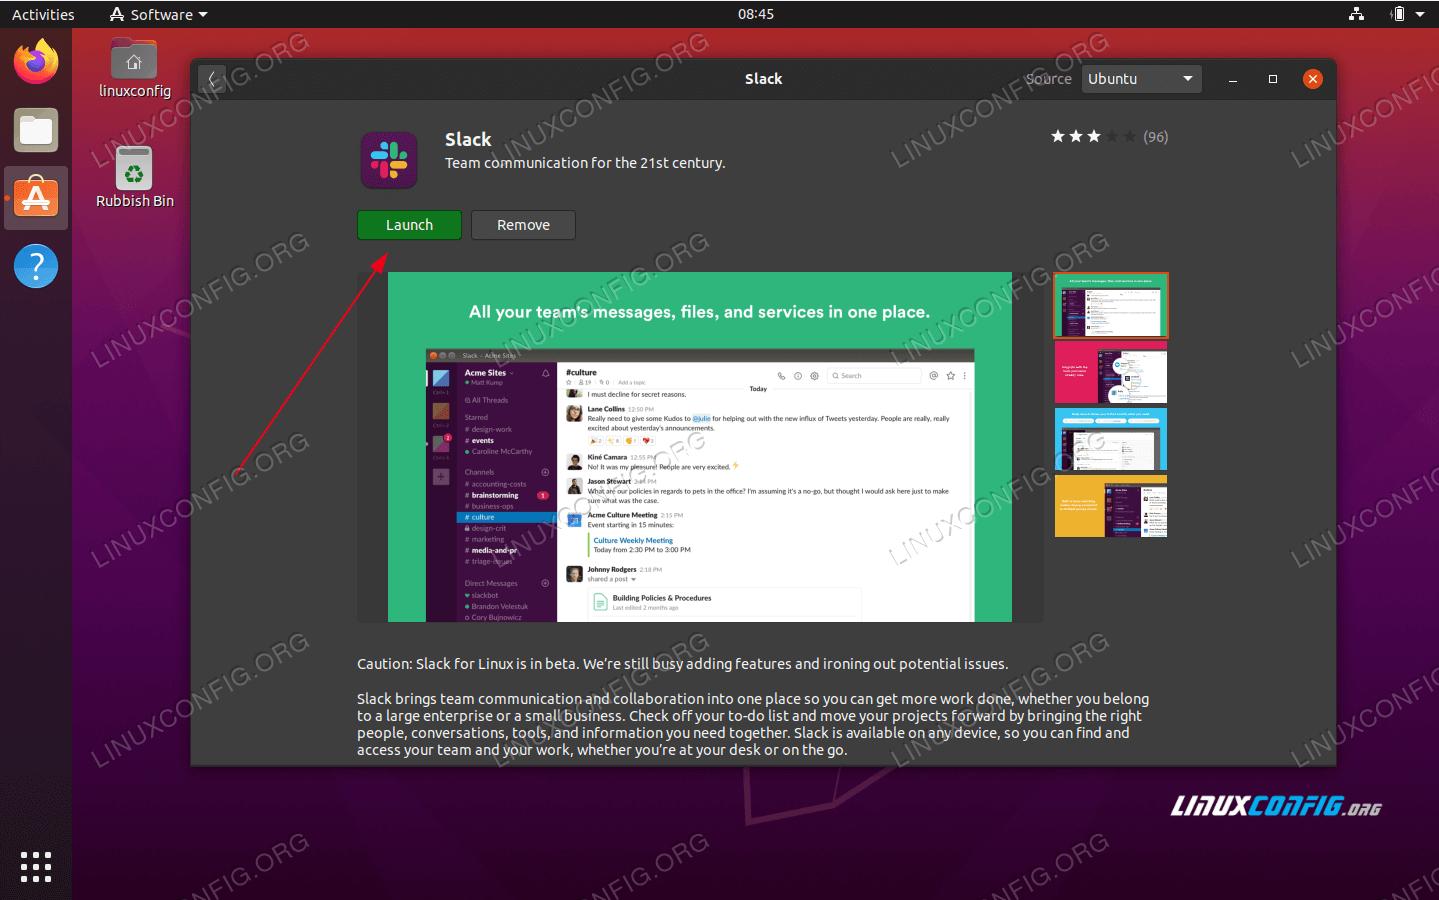 Start the Slack application